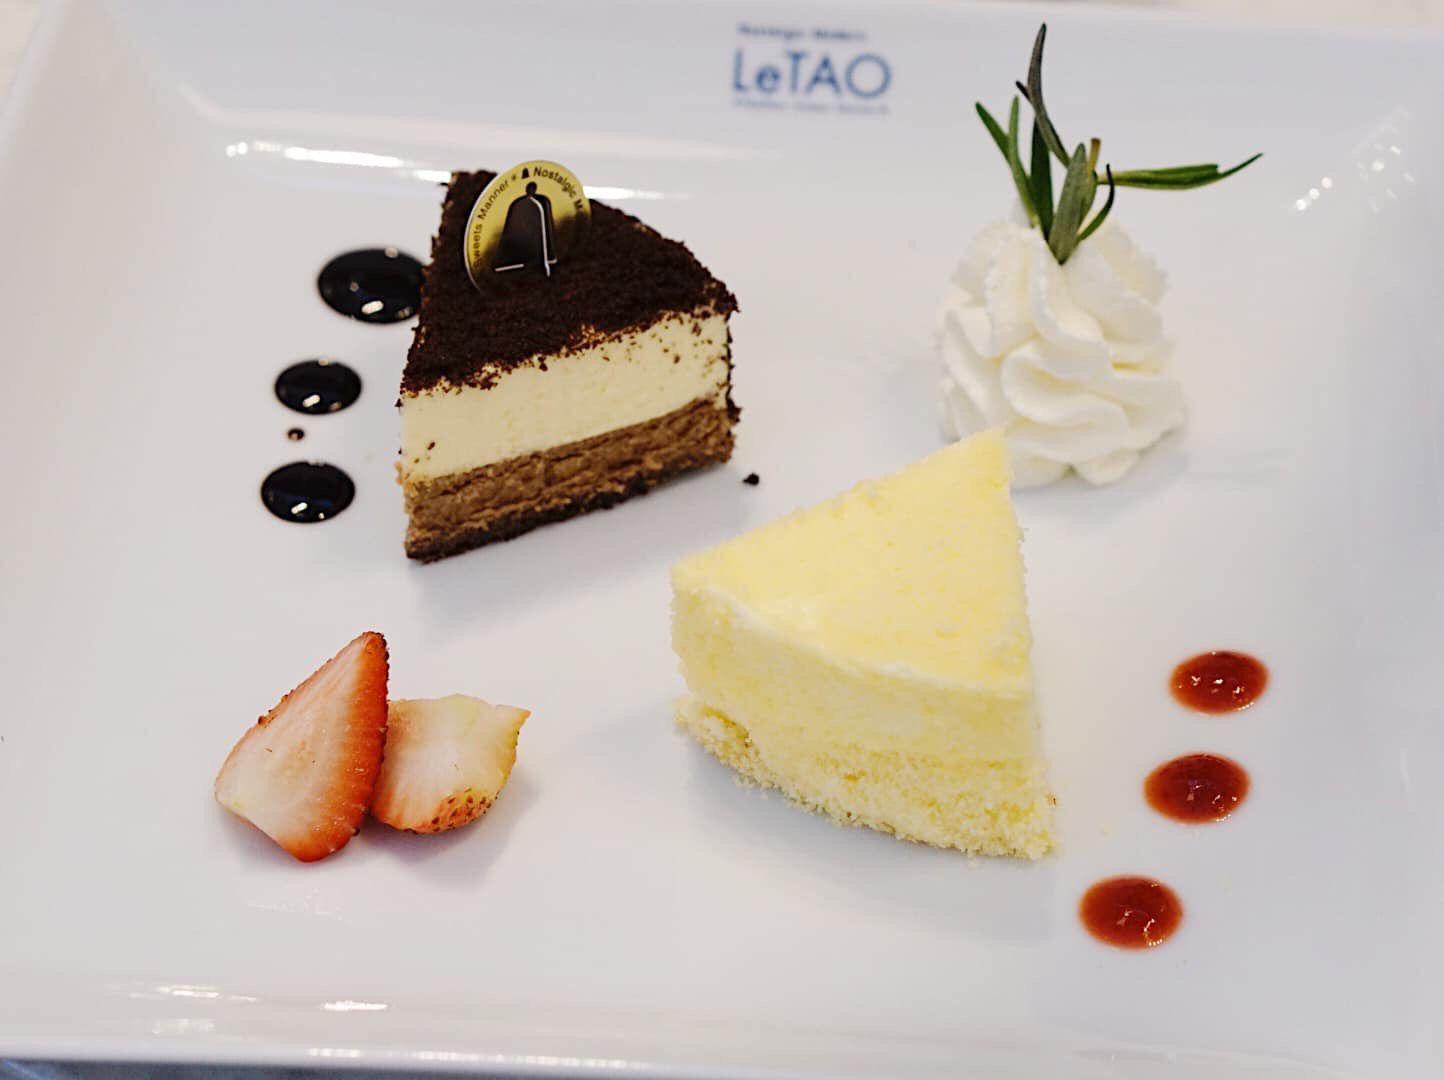 เค้กเซ็ต LeTAO Cafe Thailand จากญี่ปุ่น